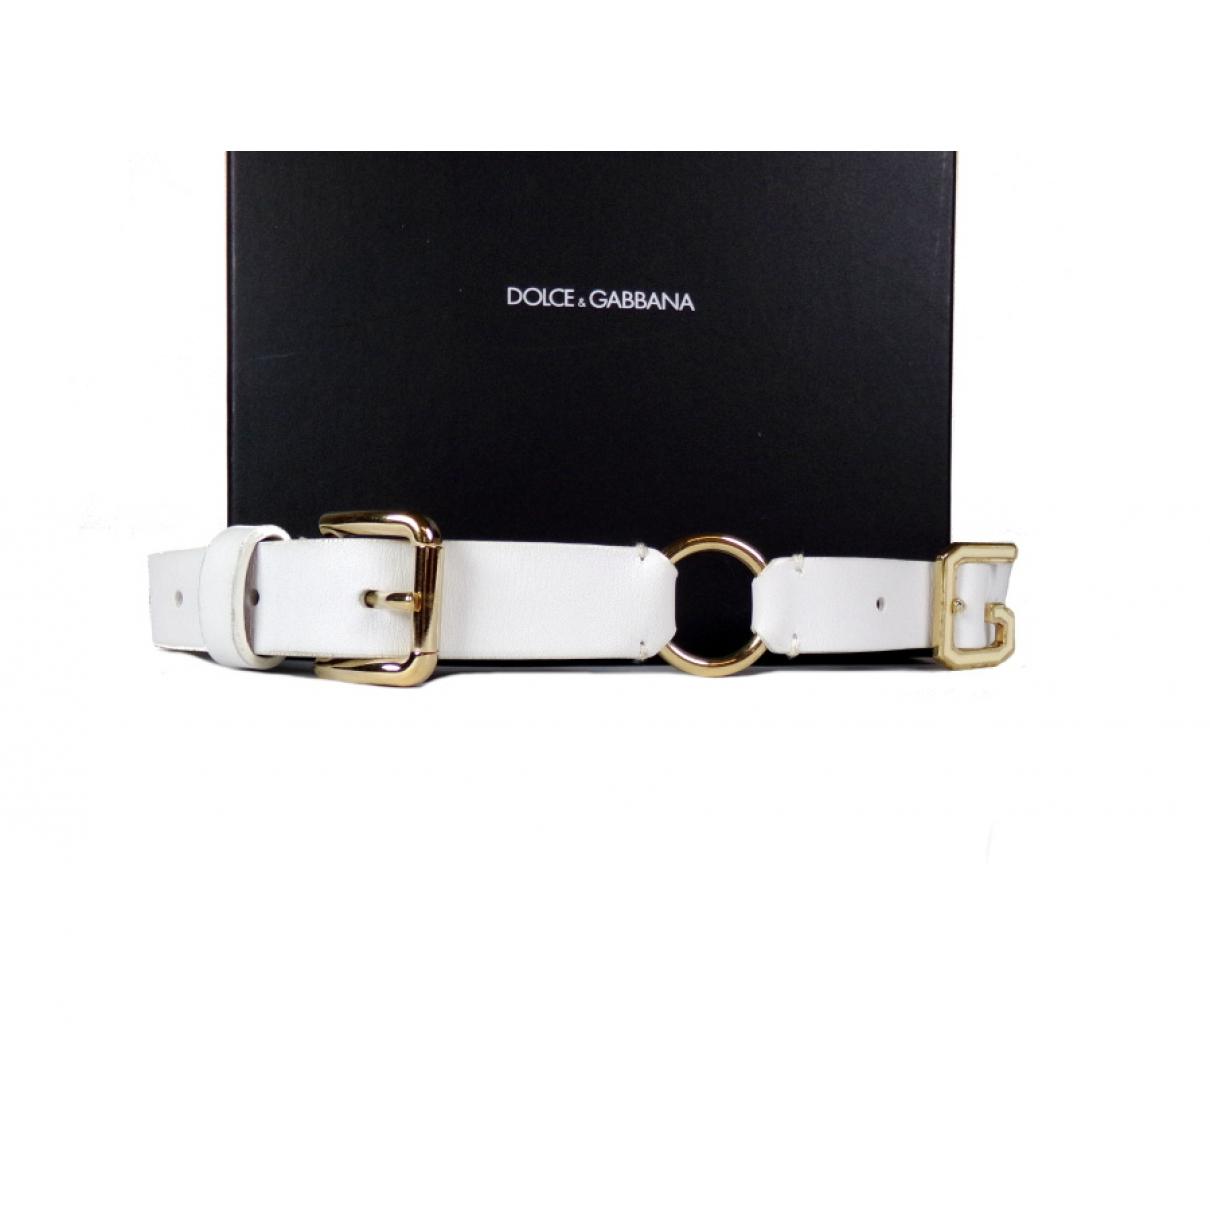 Dolce & Gabbana - Ceinture   pour femme en cuir - blanc